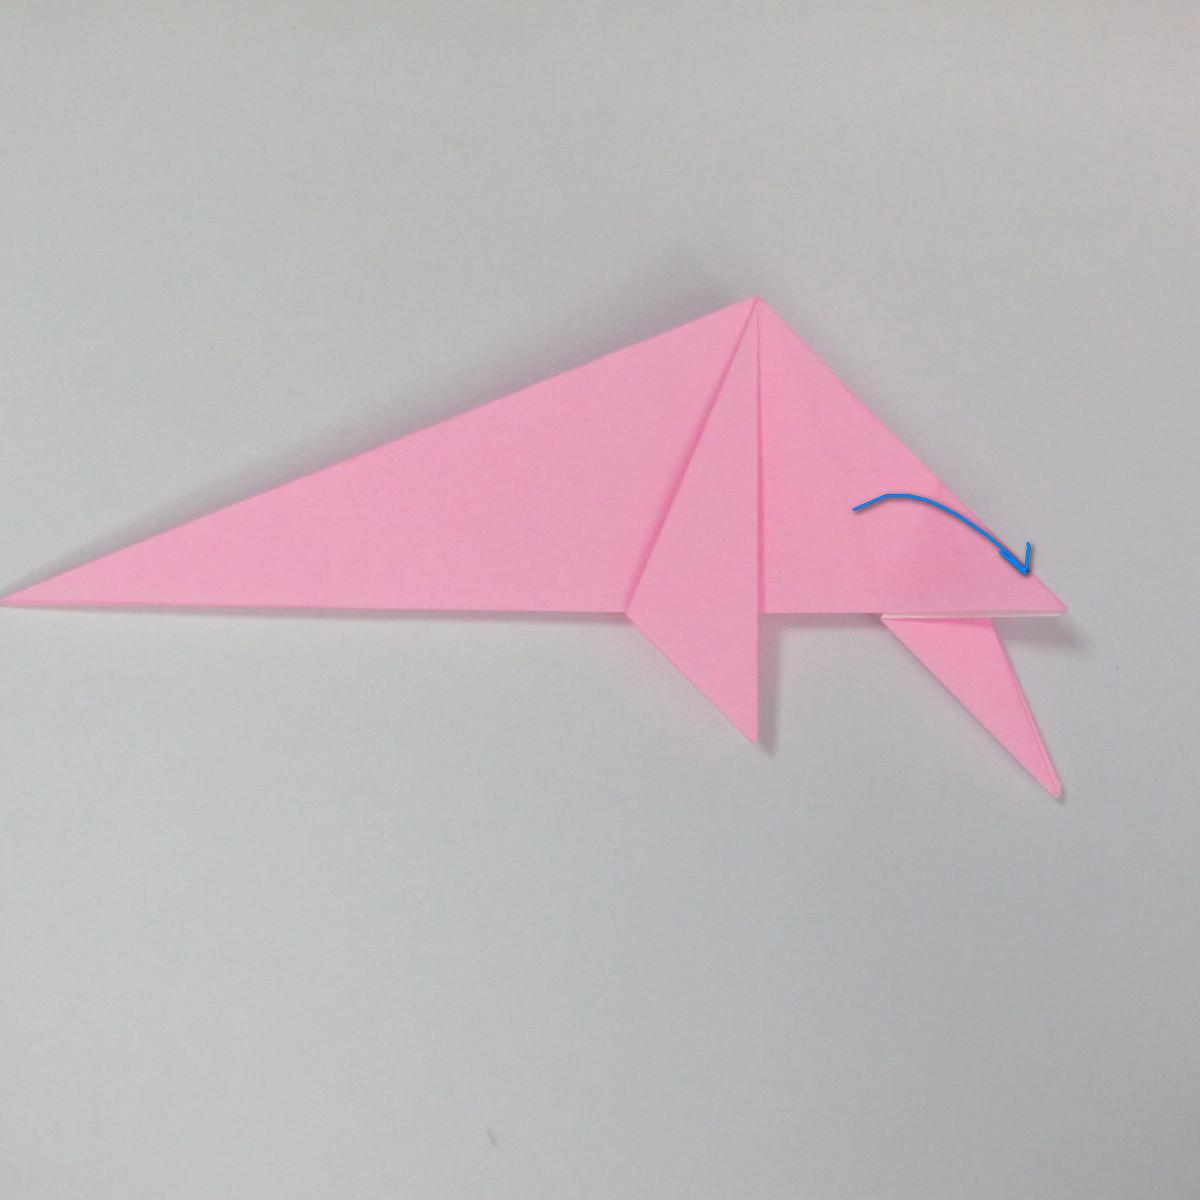 สอนการพับกระดาษเป็นลูกสุนัขชเนาเซอร์ (Origami Schnauzer Puppy) 047